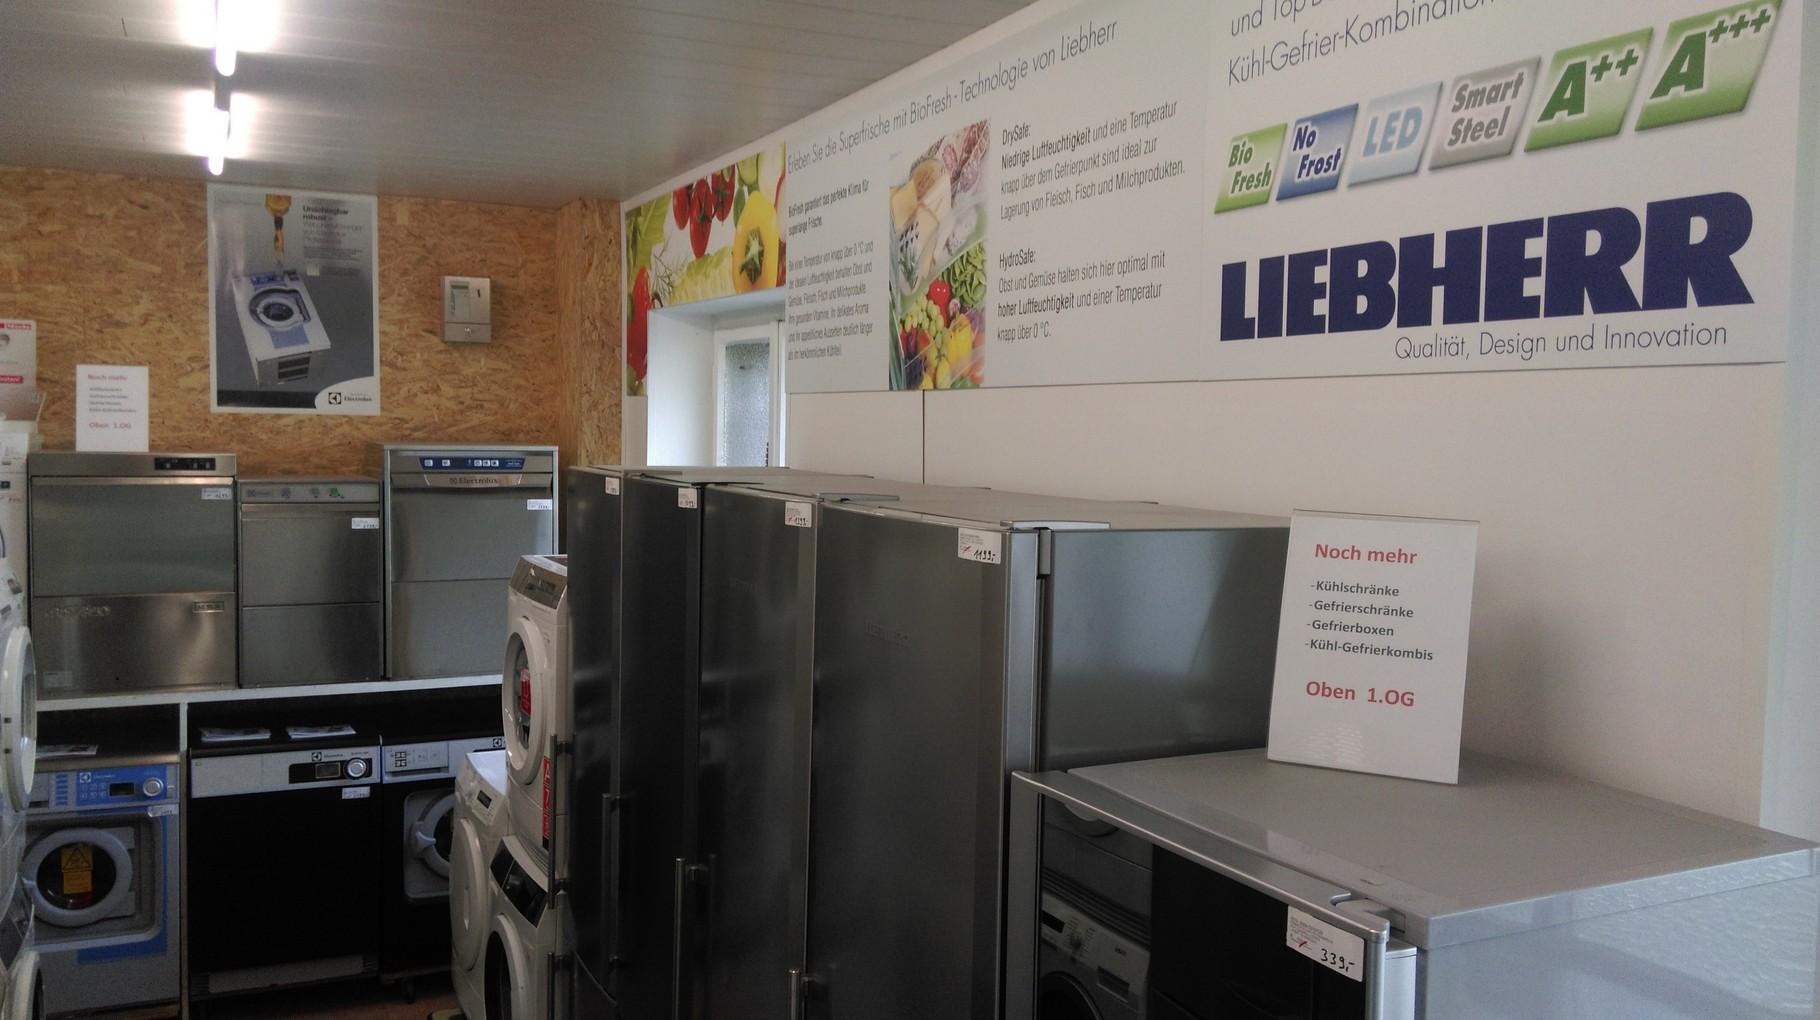 Liebherr Kühlschrank bei HGS Elektro in Köln